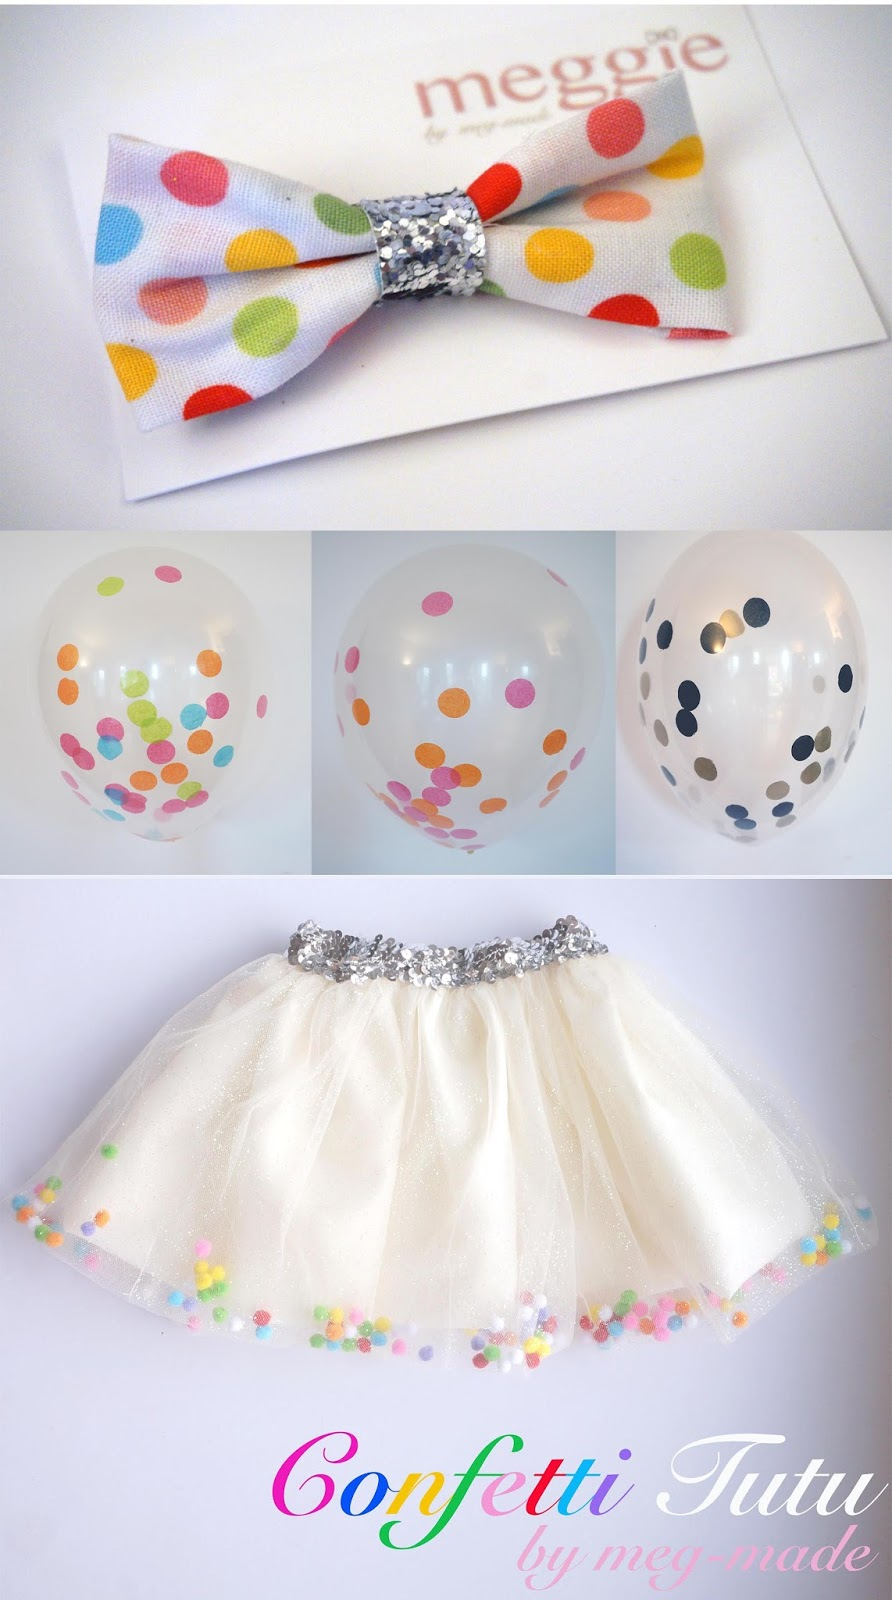 meg-made confetti tutu confetti filled balloons